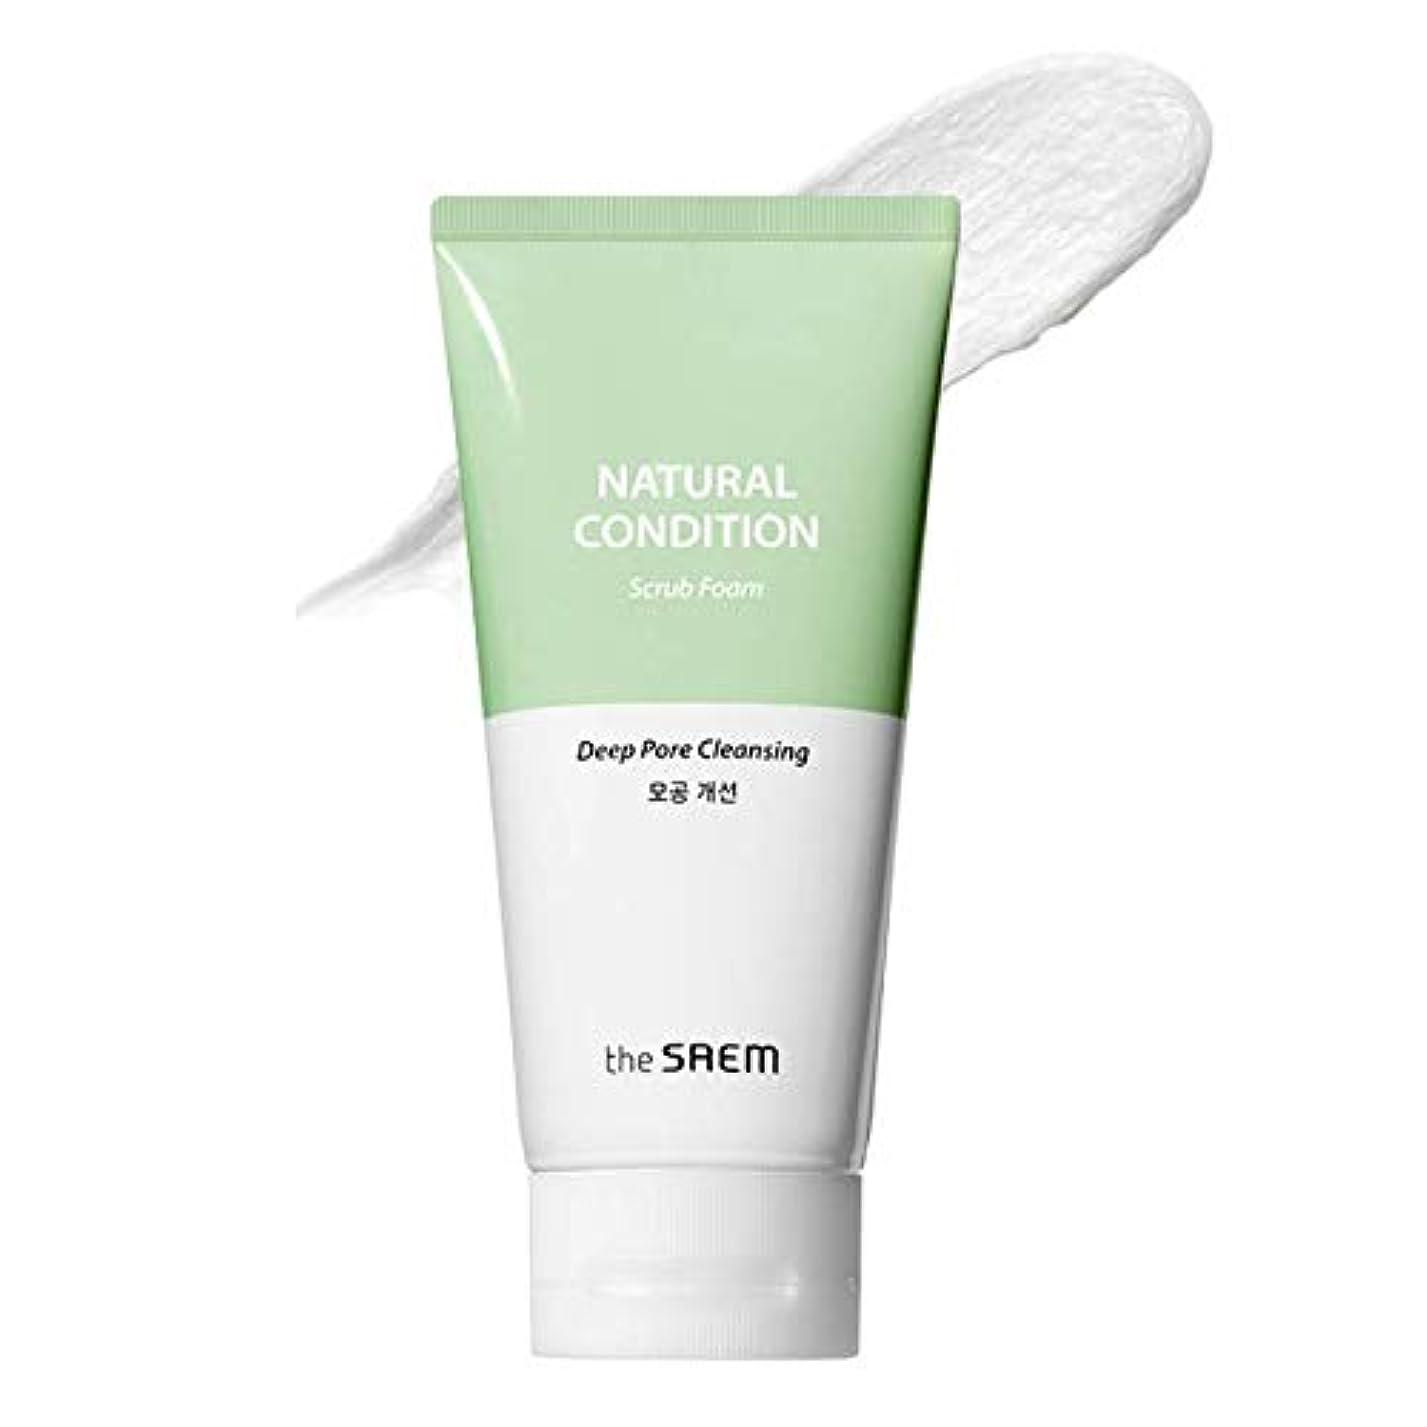 バナー郊外雑草The Saem Natural Condition Scrub Foam [Deep pore cleansing] / ザセム ナチュラルコンディションスクラブフォーム[毛穴改善] [並行輸入品]